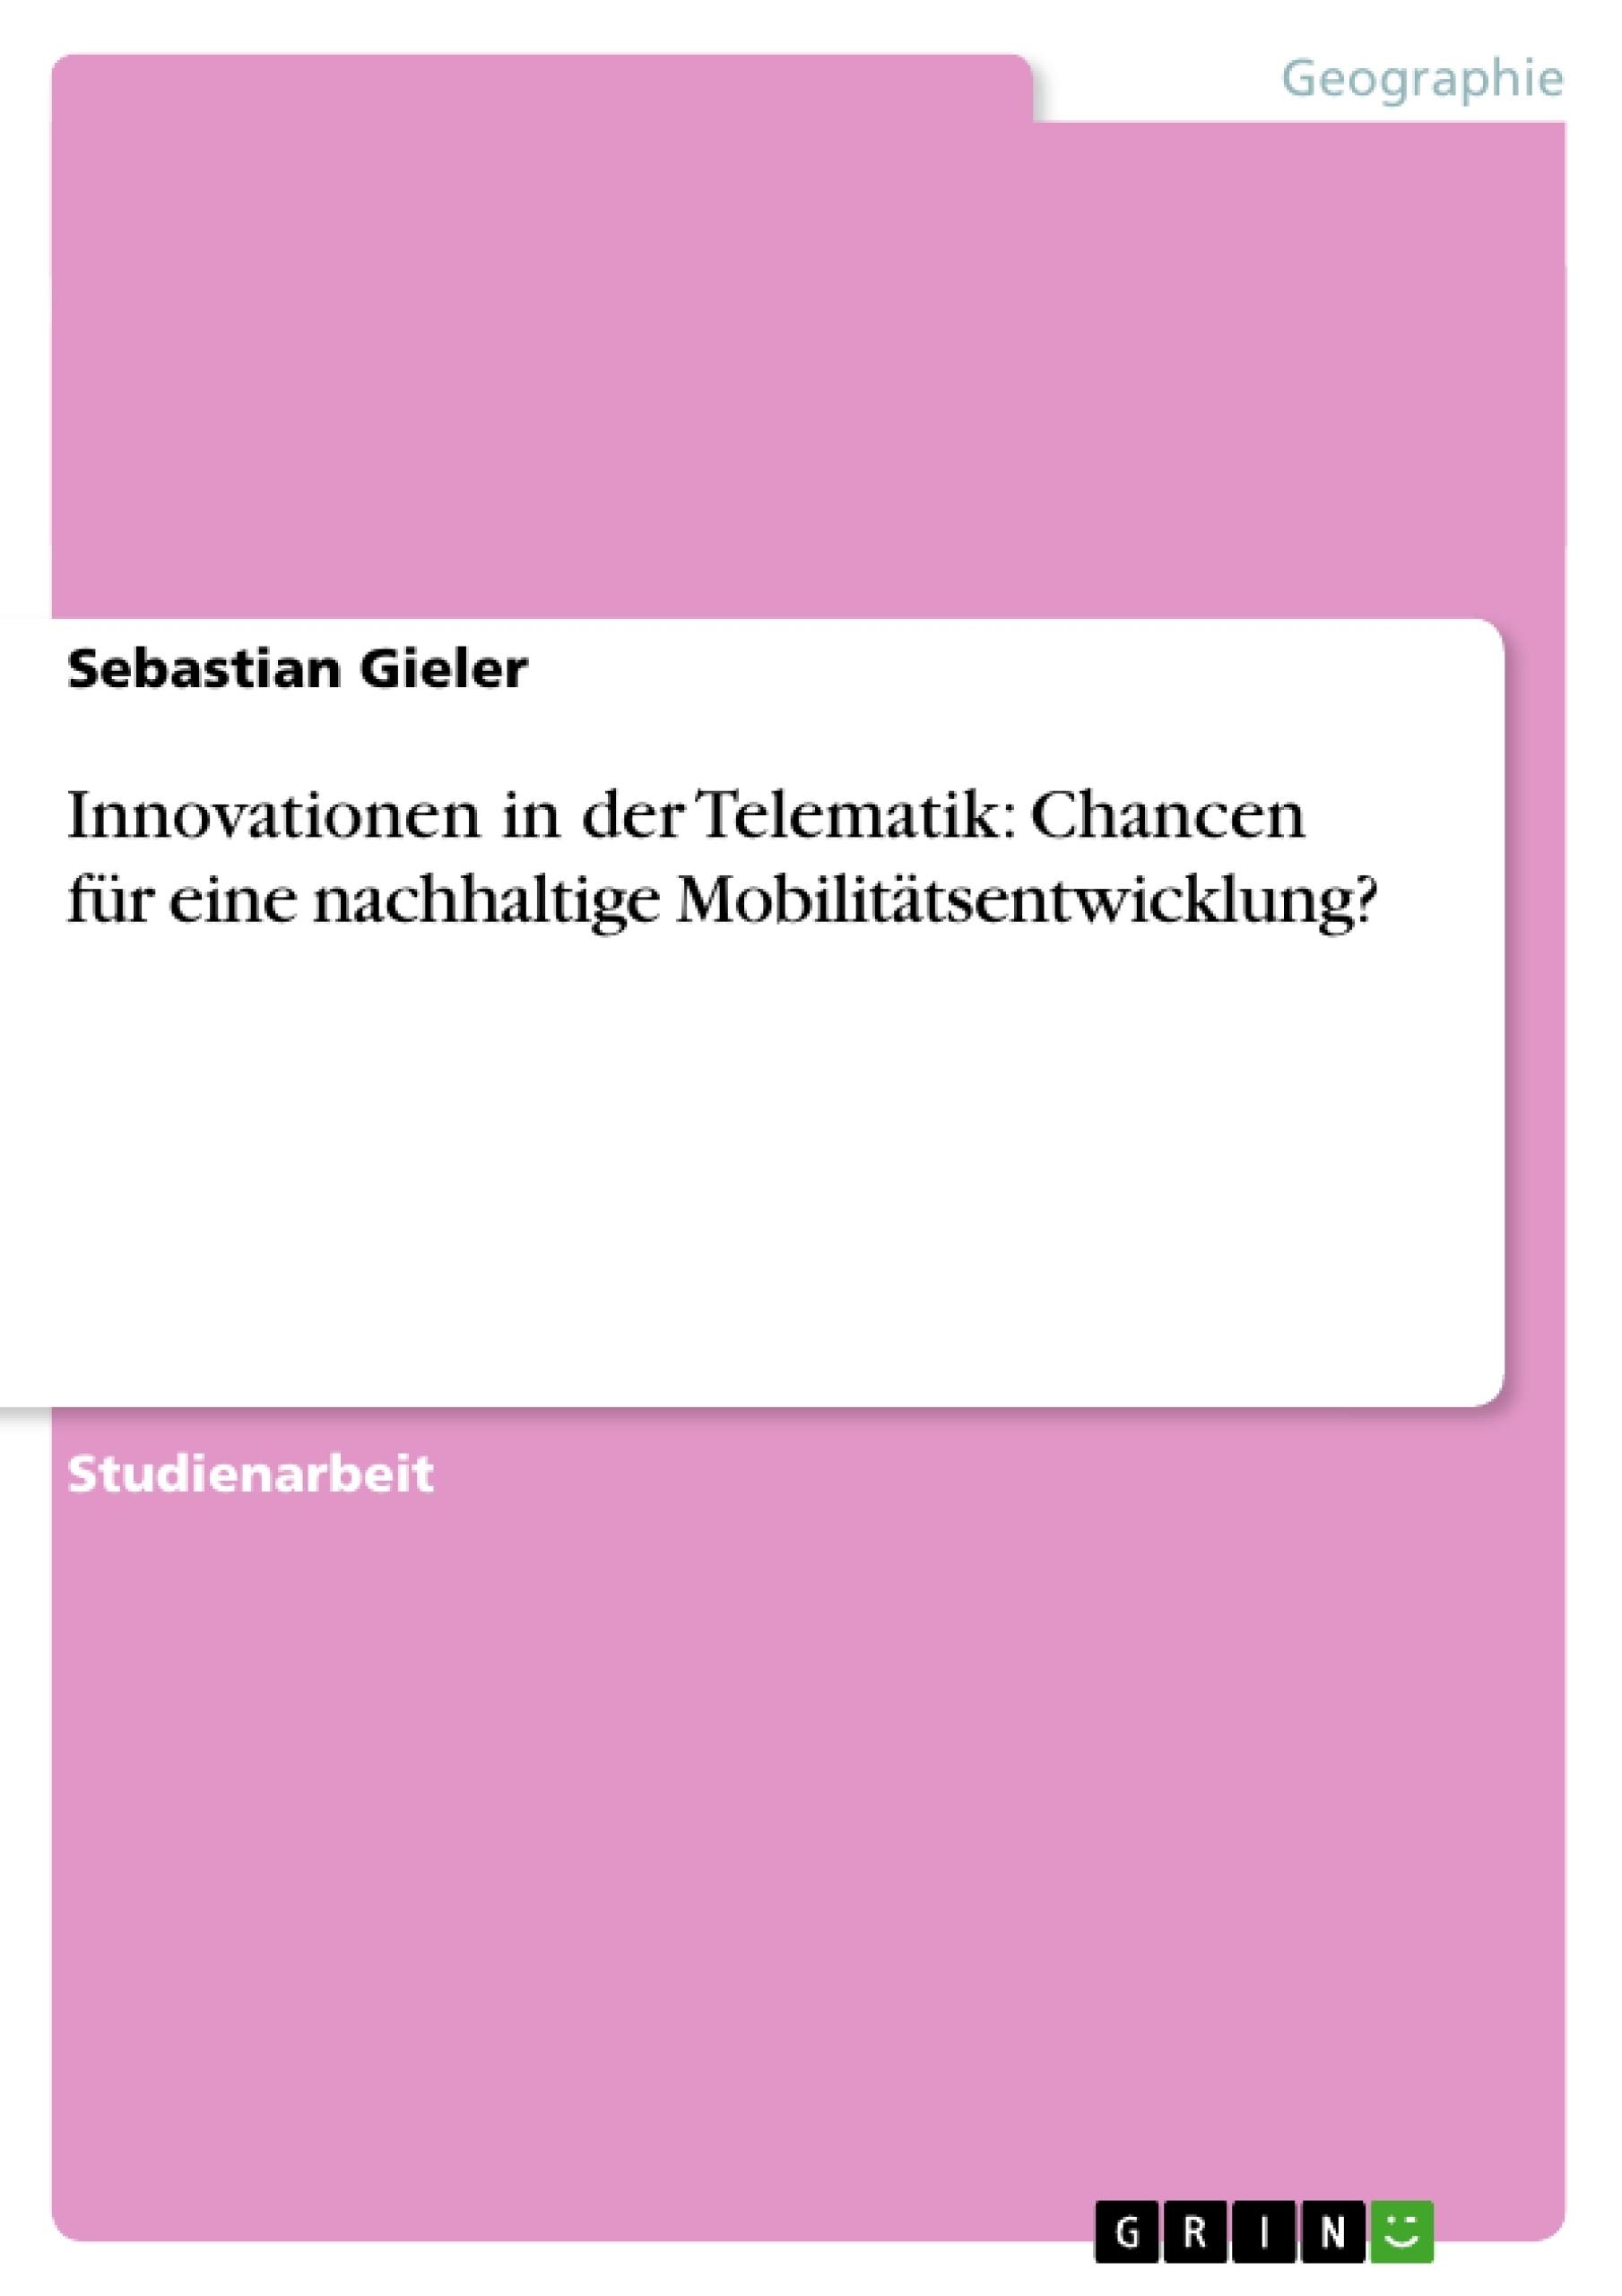 Titel: Innovationen in der Telematik: Chancen für eine nachhaltige Mobilitätsentwicklung?